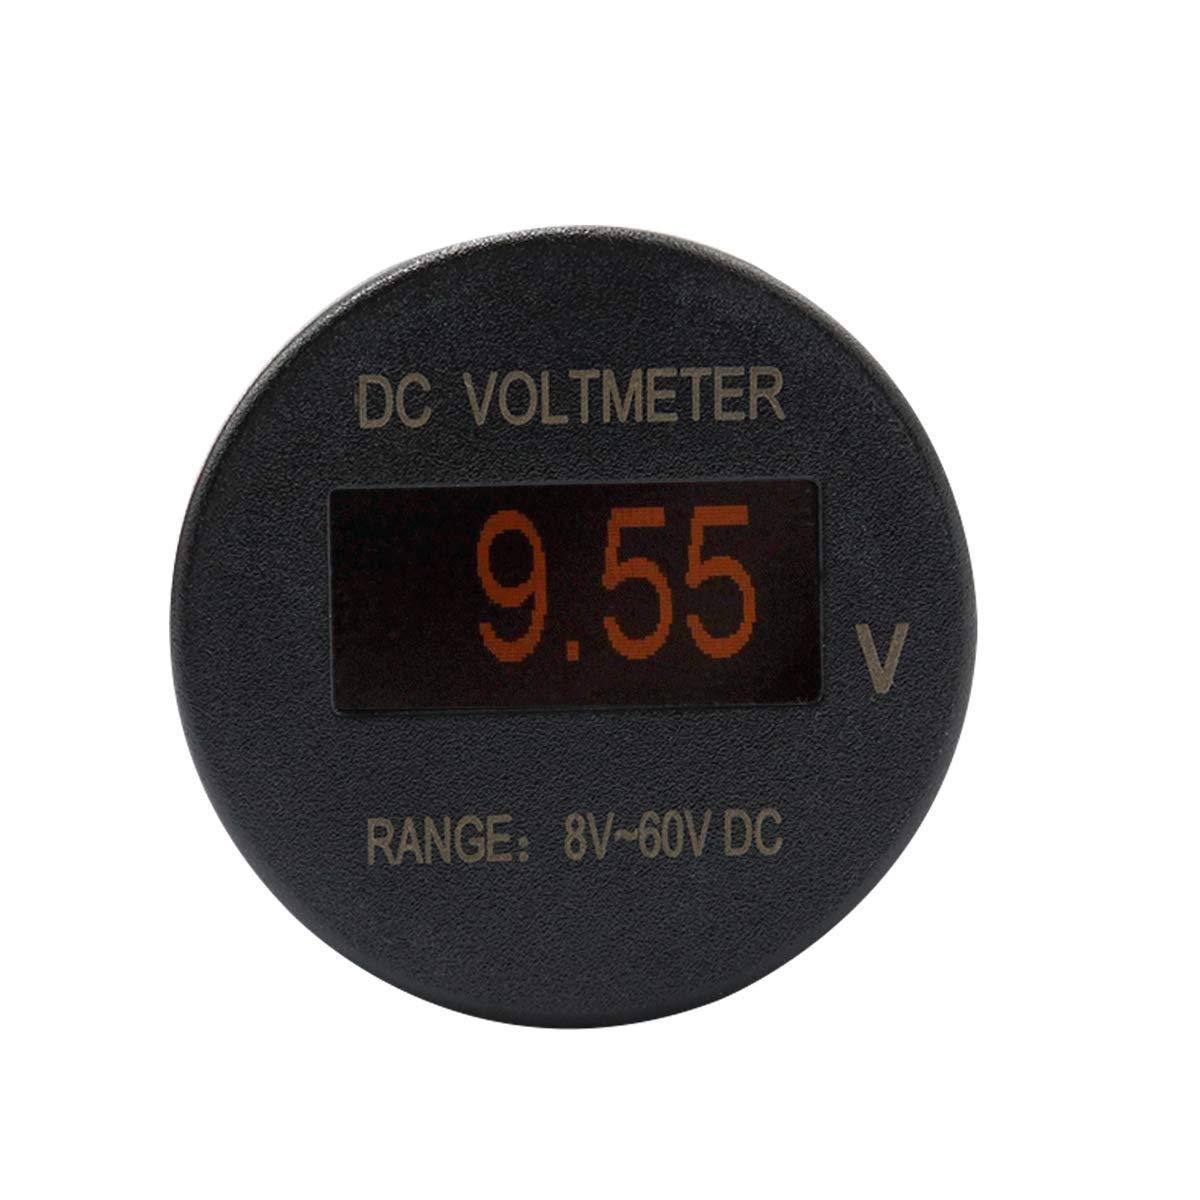 BEESCLOVER Mini OLED volt/ímetro Universal 8-60 V DC LED Panel Digital IP66 Monitor de Voltaje Negro B3397